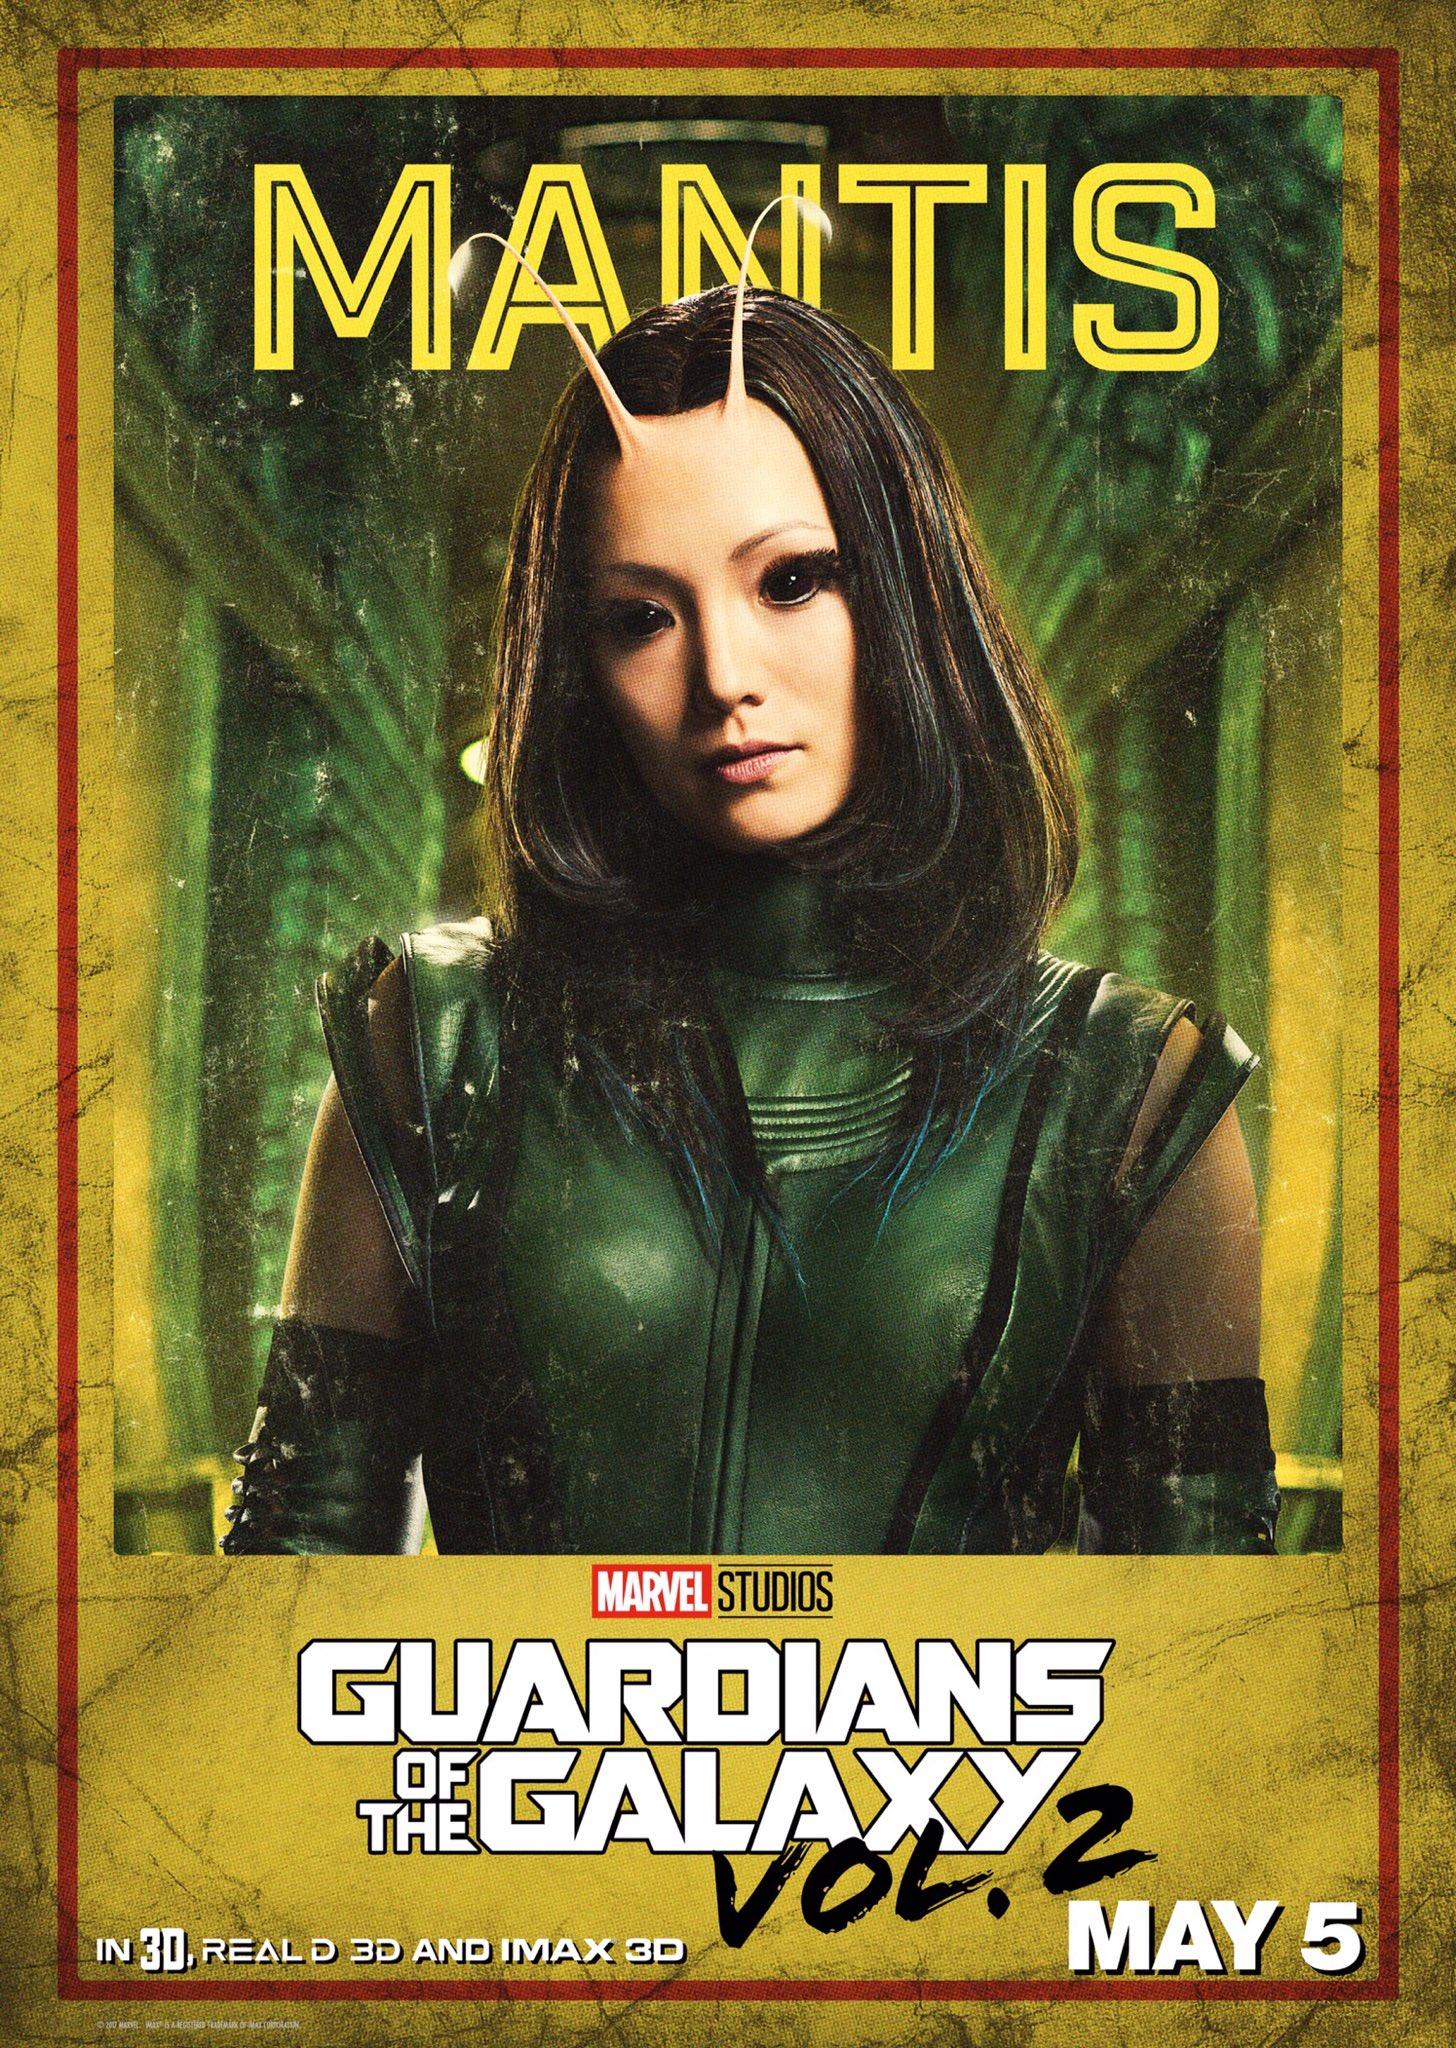 Guardiani della Galassia Vol. 2: il character poster di Mantis